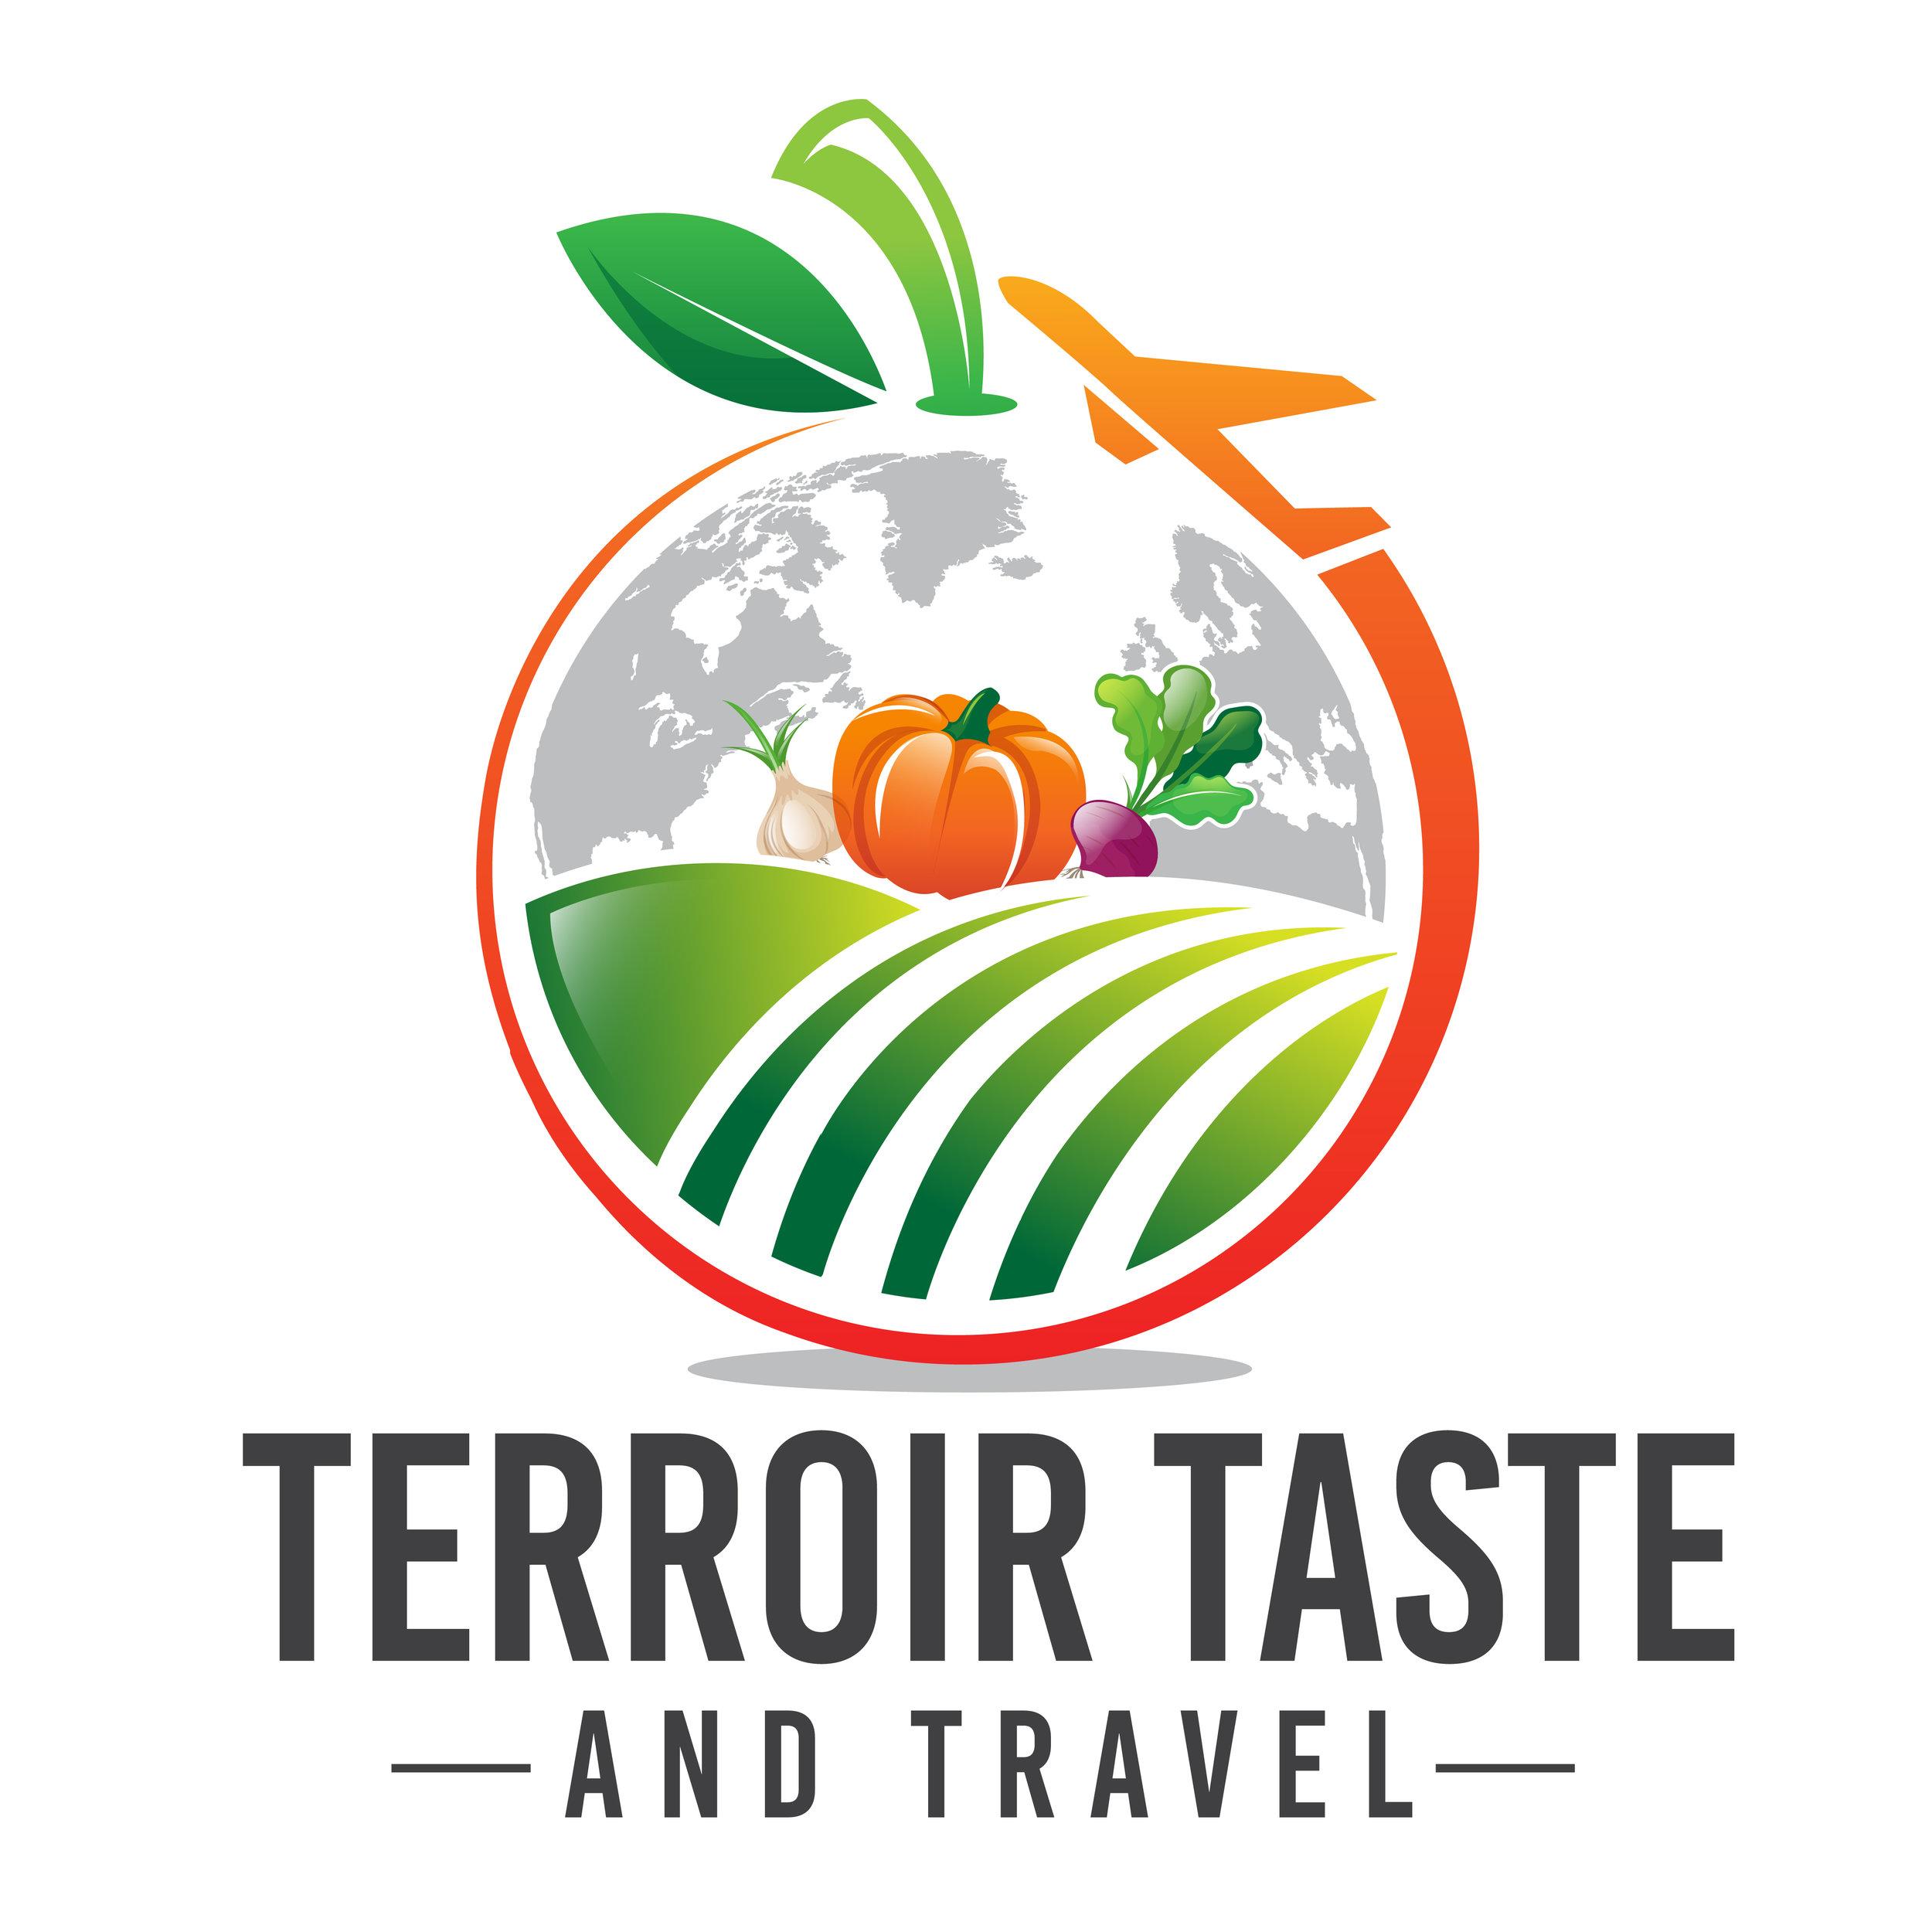 Terroir Taste and Travel-01.jpg